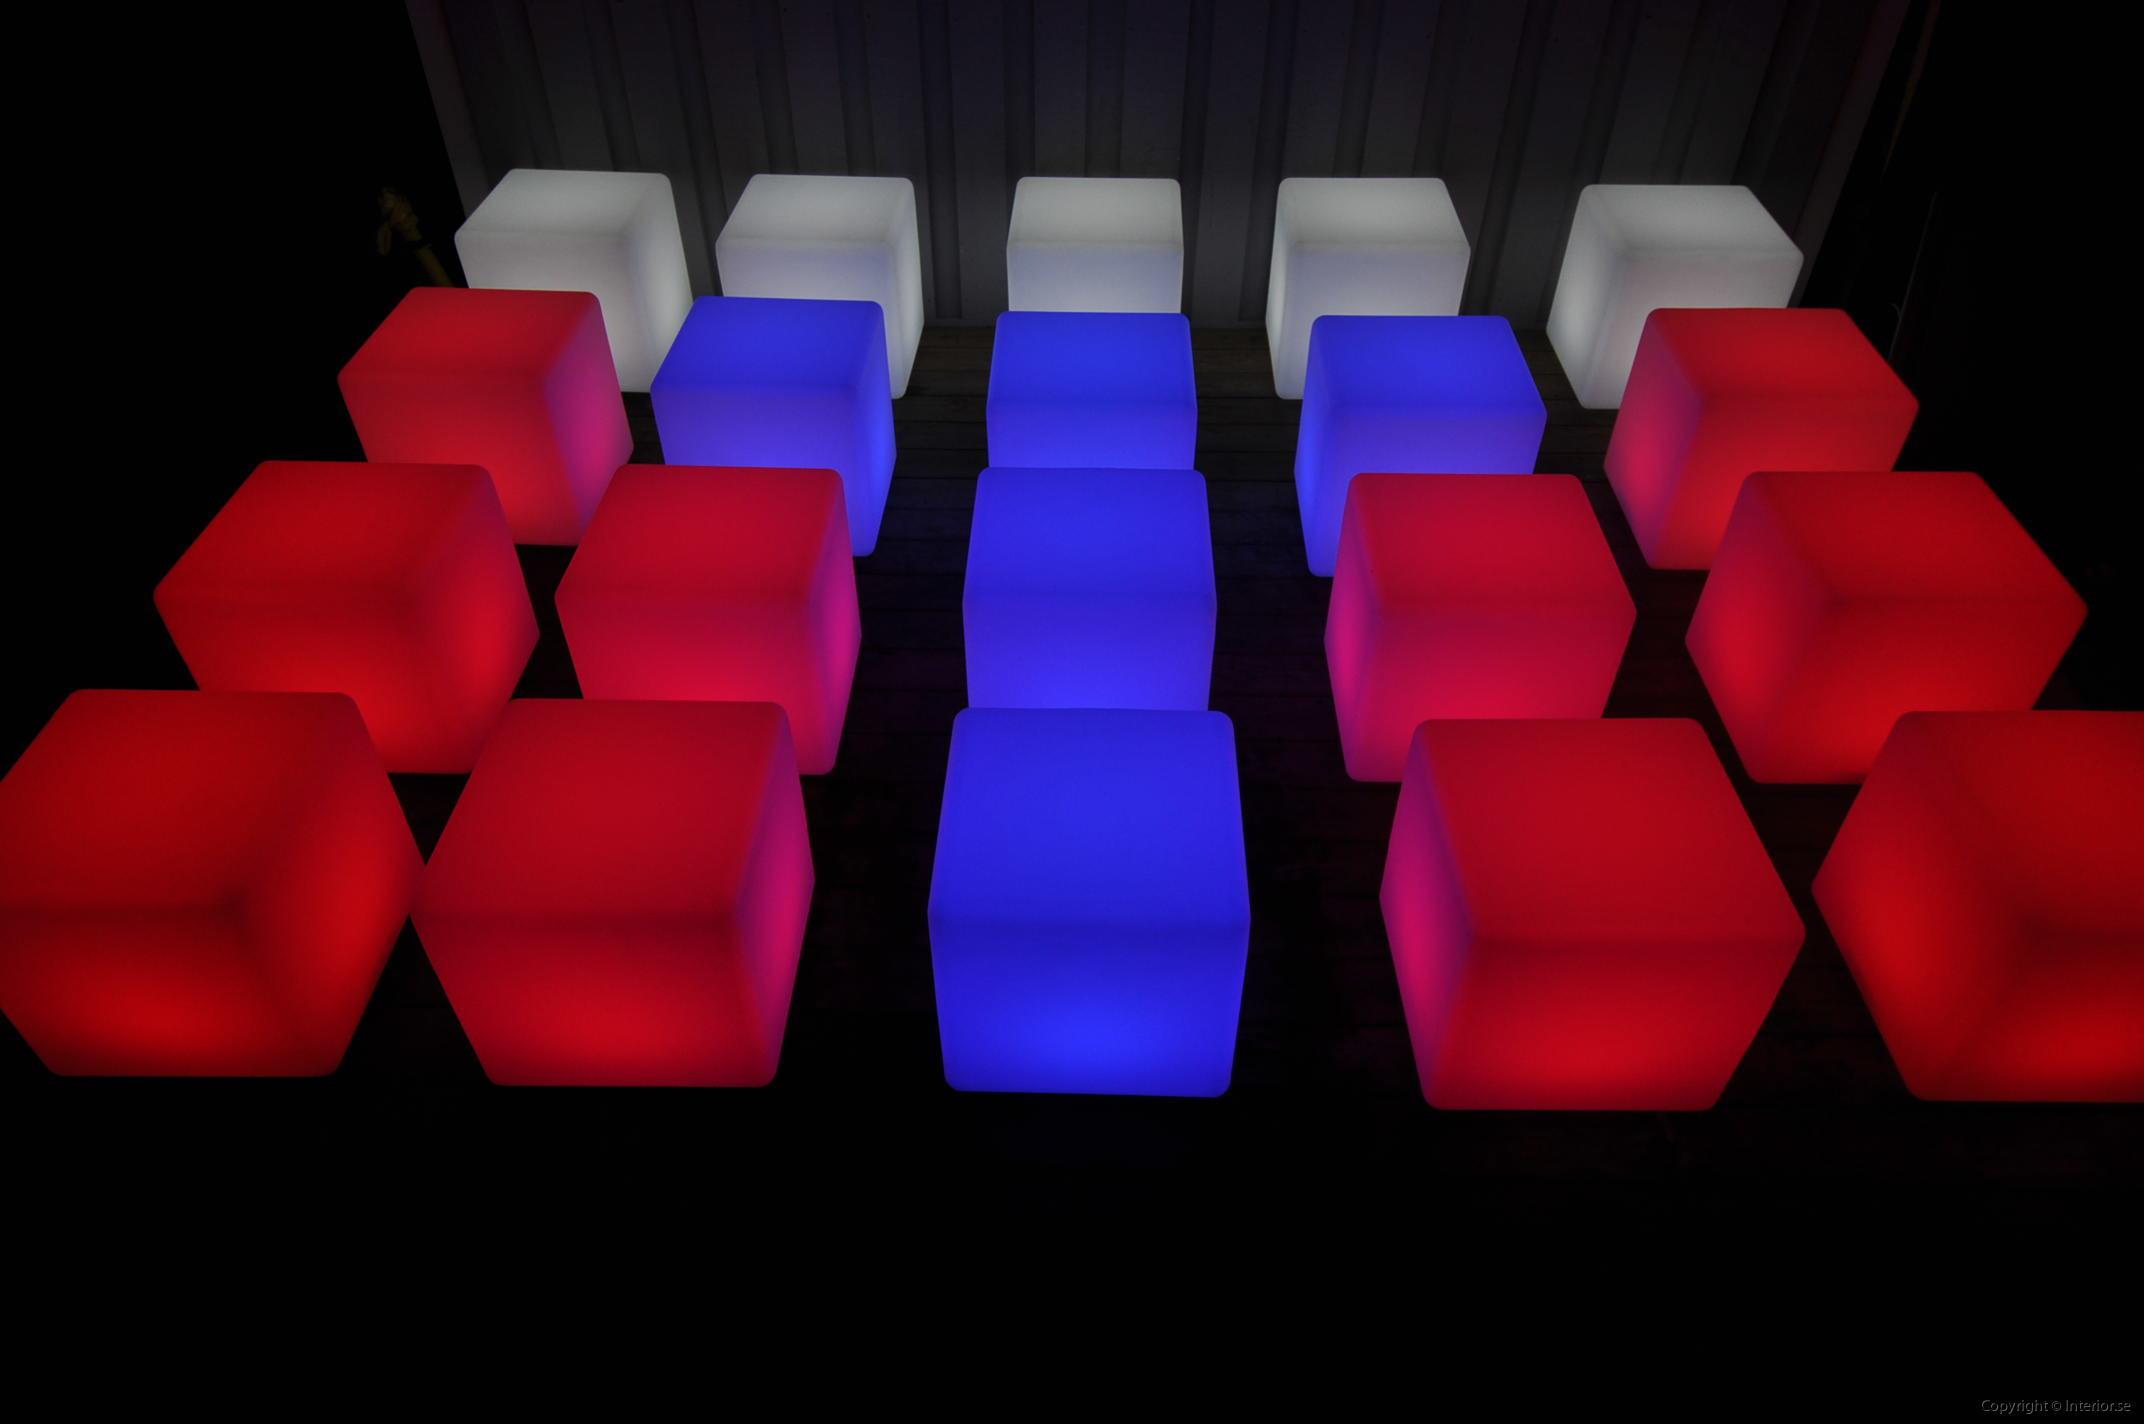 Hyra led möbler ledmöbler stockholm event möbler hyr möbler stockholm event led furniture hire stockholm (20)